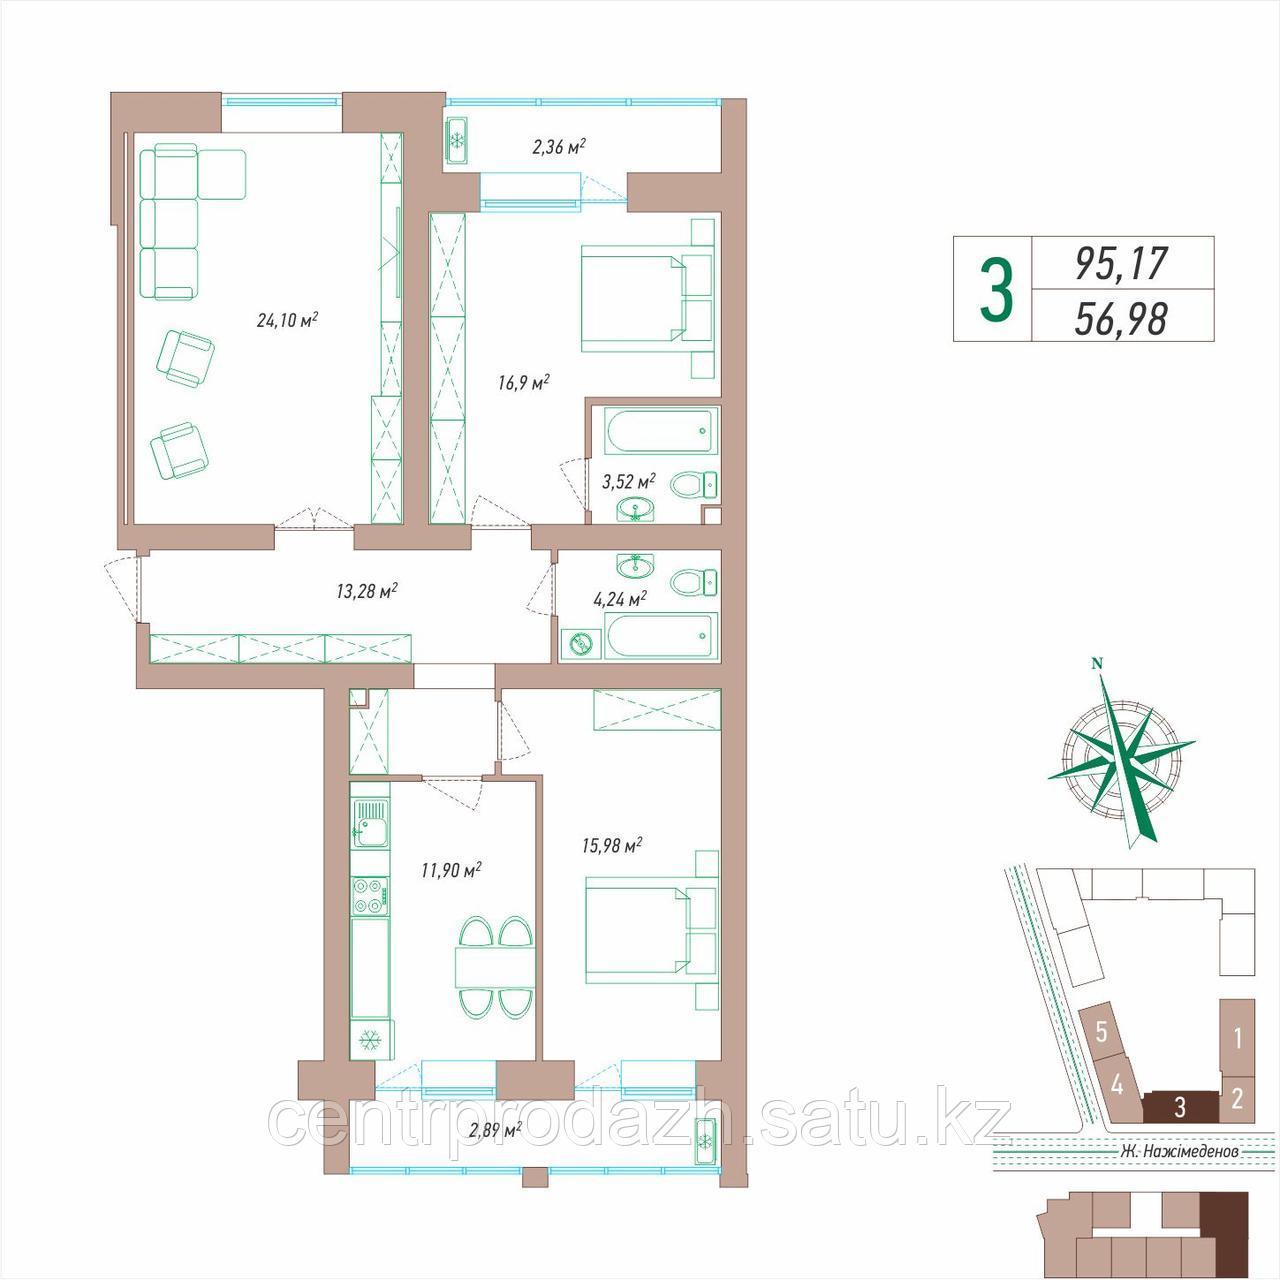 3 комнатная квартира 95.17 м²